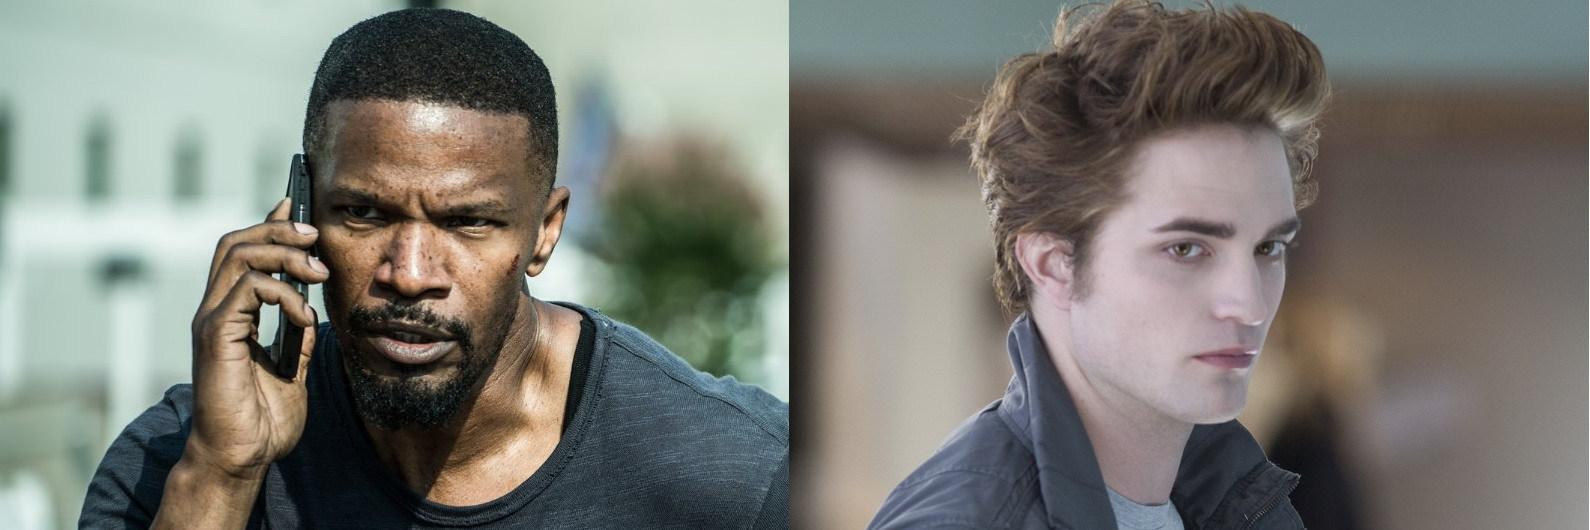 Estes atores detestam os seus próprios filmes